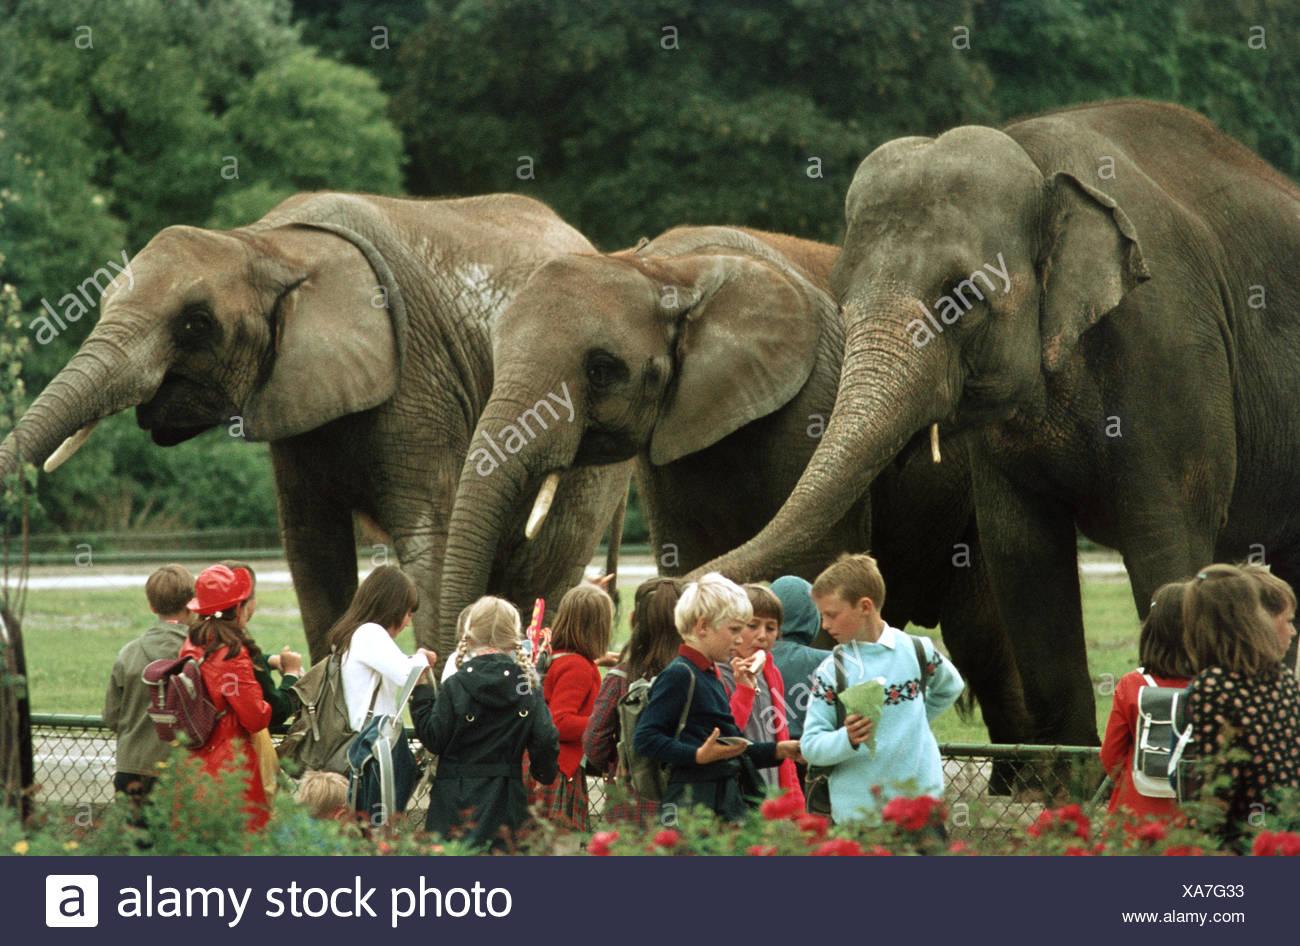 L'éléphant d'Asie, l'éléphant d'Asie (Elephas maximus), classe d'école, au zoo en face d'une enceinte en plein air avec trois animaux Photo Stock